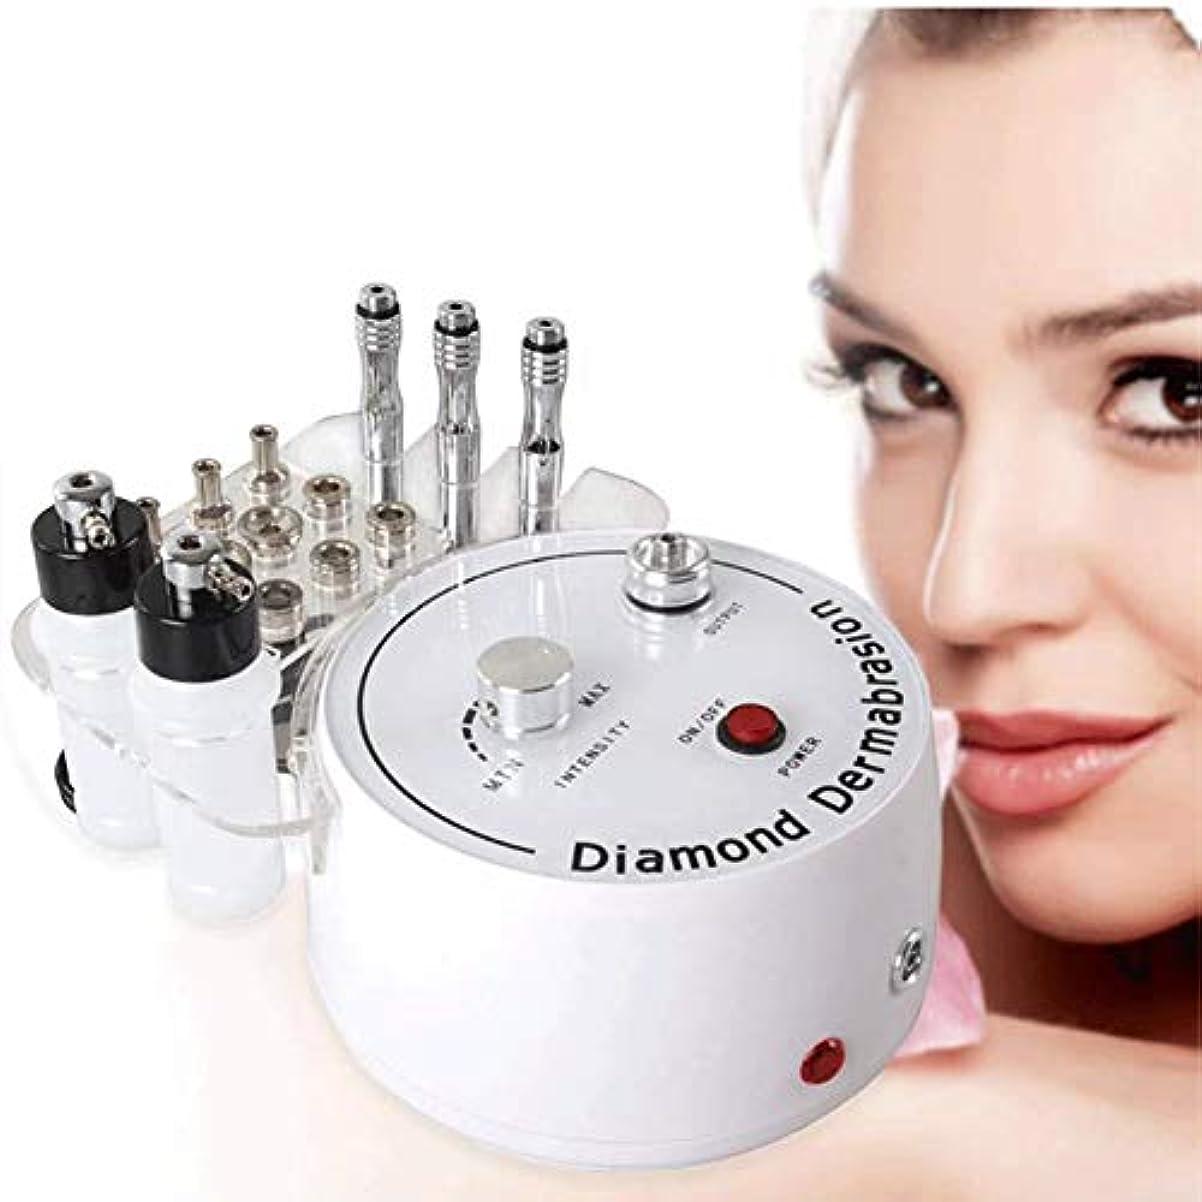 ラウズ上記の頭と肩親密な美容機、3 In1とダイヤモンドマイクロダーマ皮をむき機の水スプレー剥離皮膚剥離マシン除去リンクル